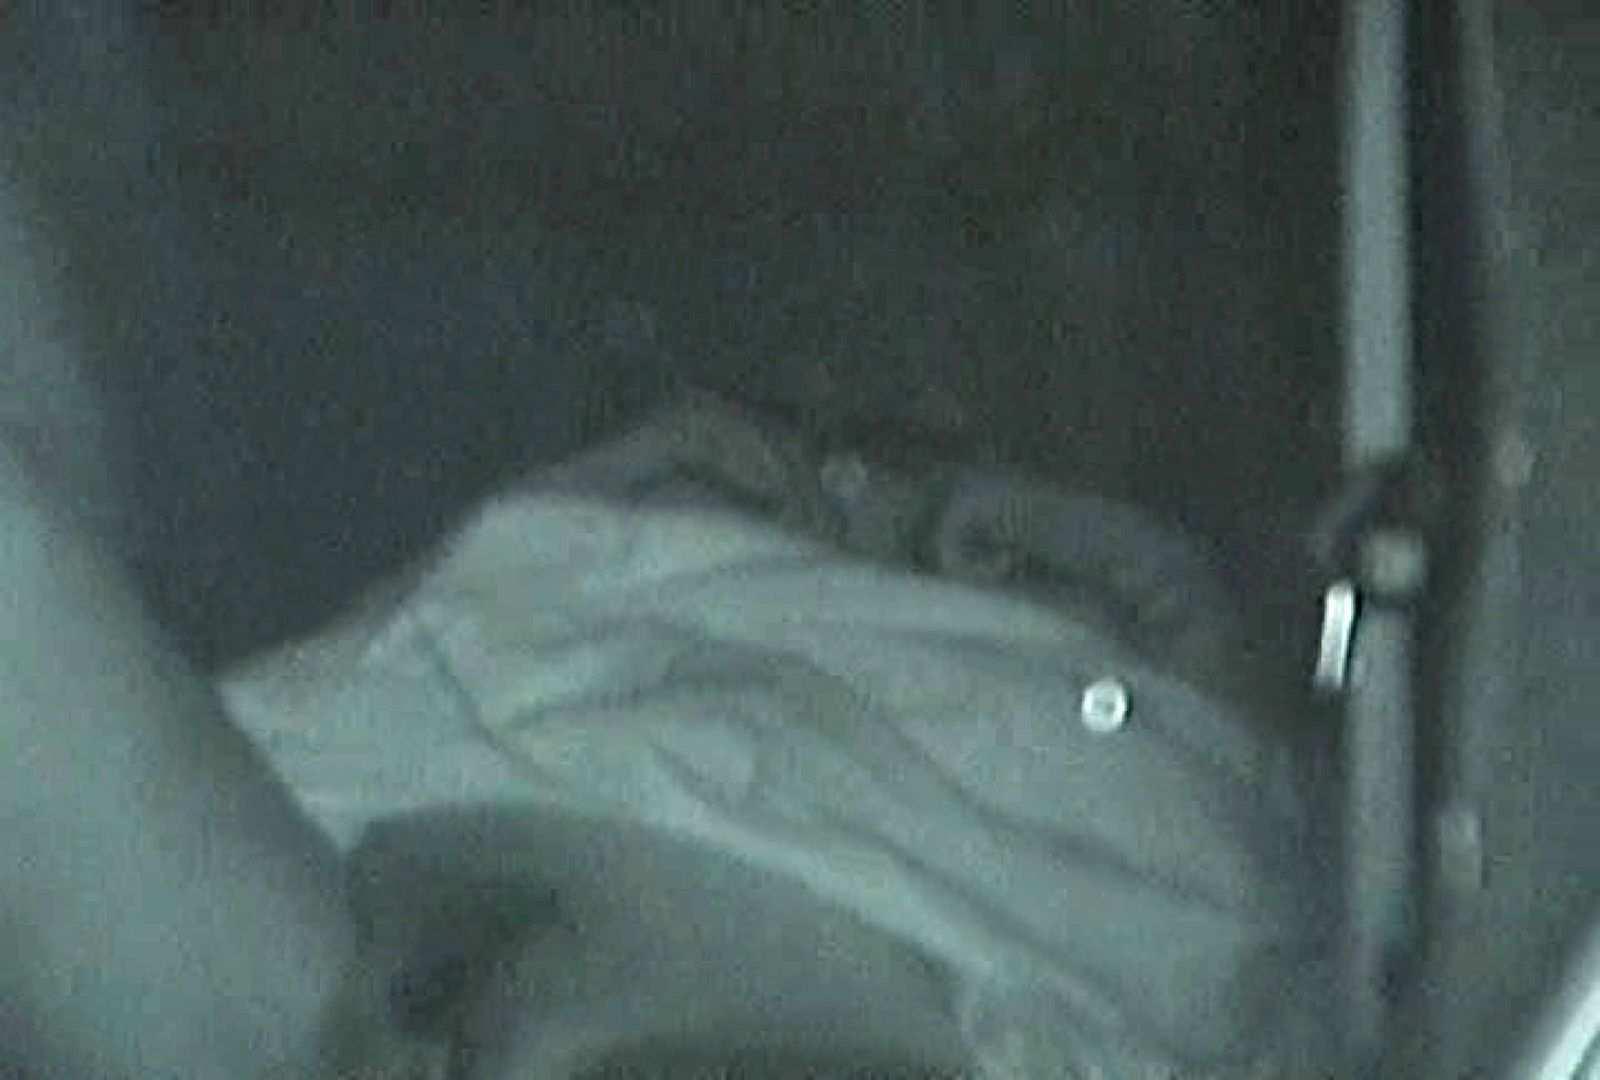 充血監督の深夜の運動会Vol.91 マンコ無修正 盗み撮りオマンコ動画キャプチャ 102画像 86